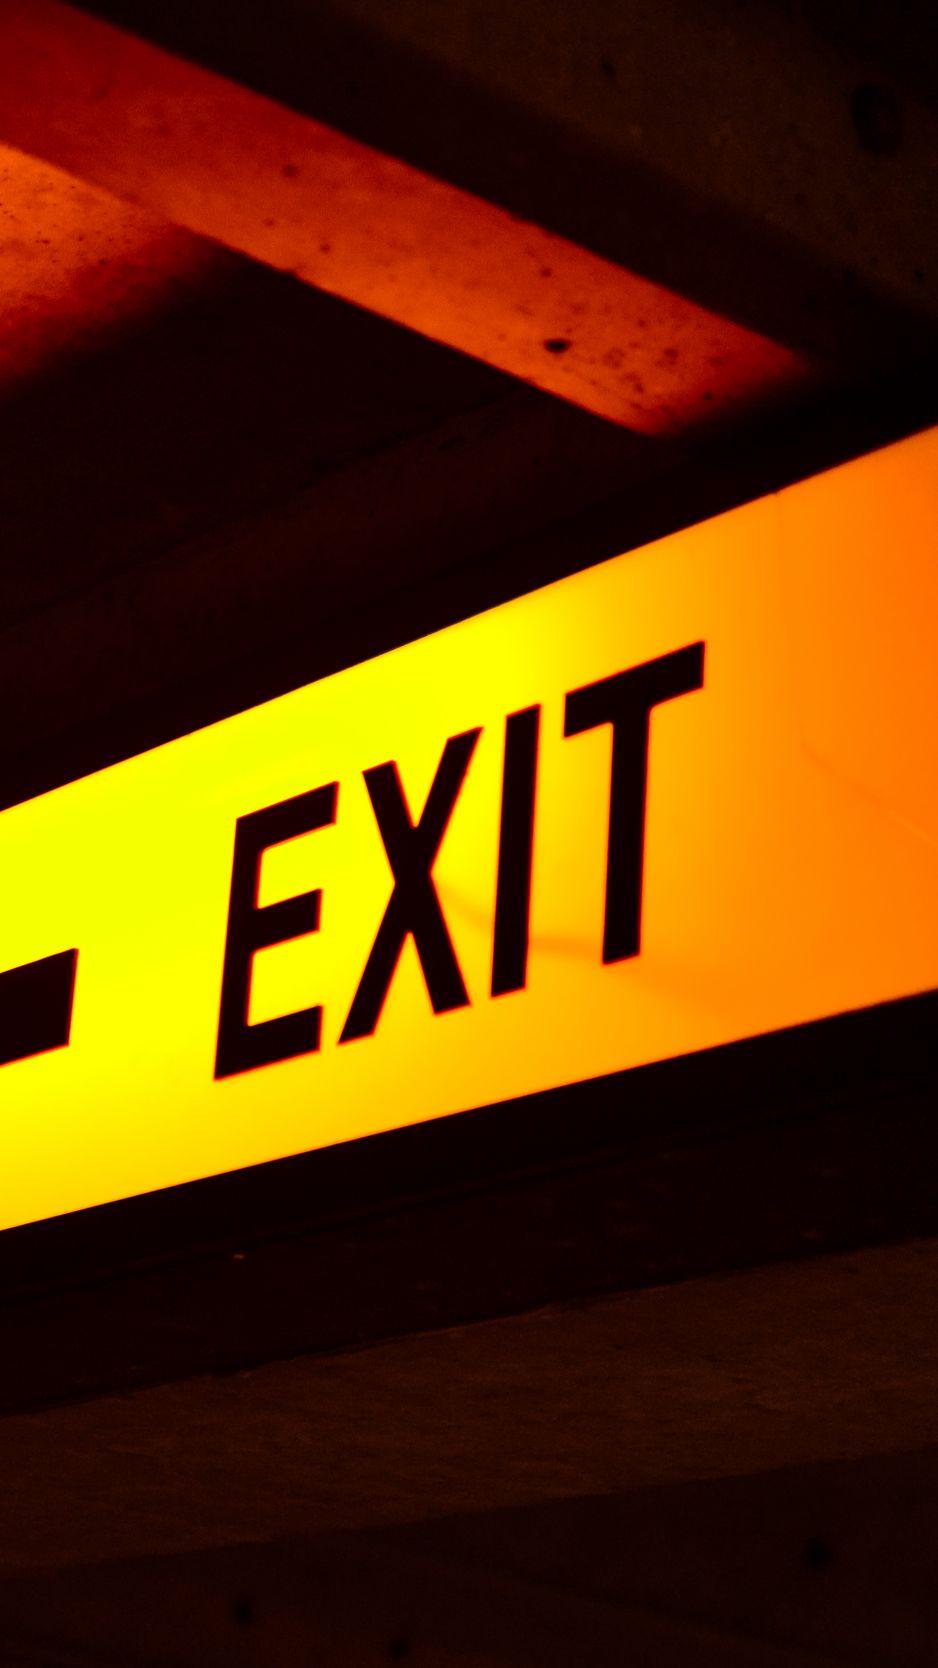 938x1668 Wallpaper exit, word, pointer, yellow, dark